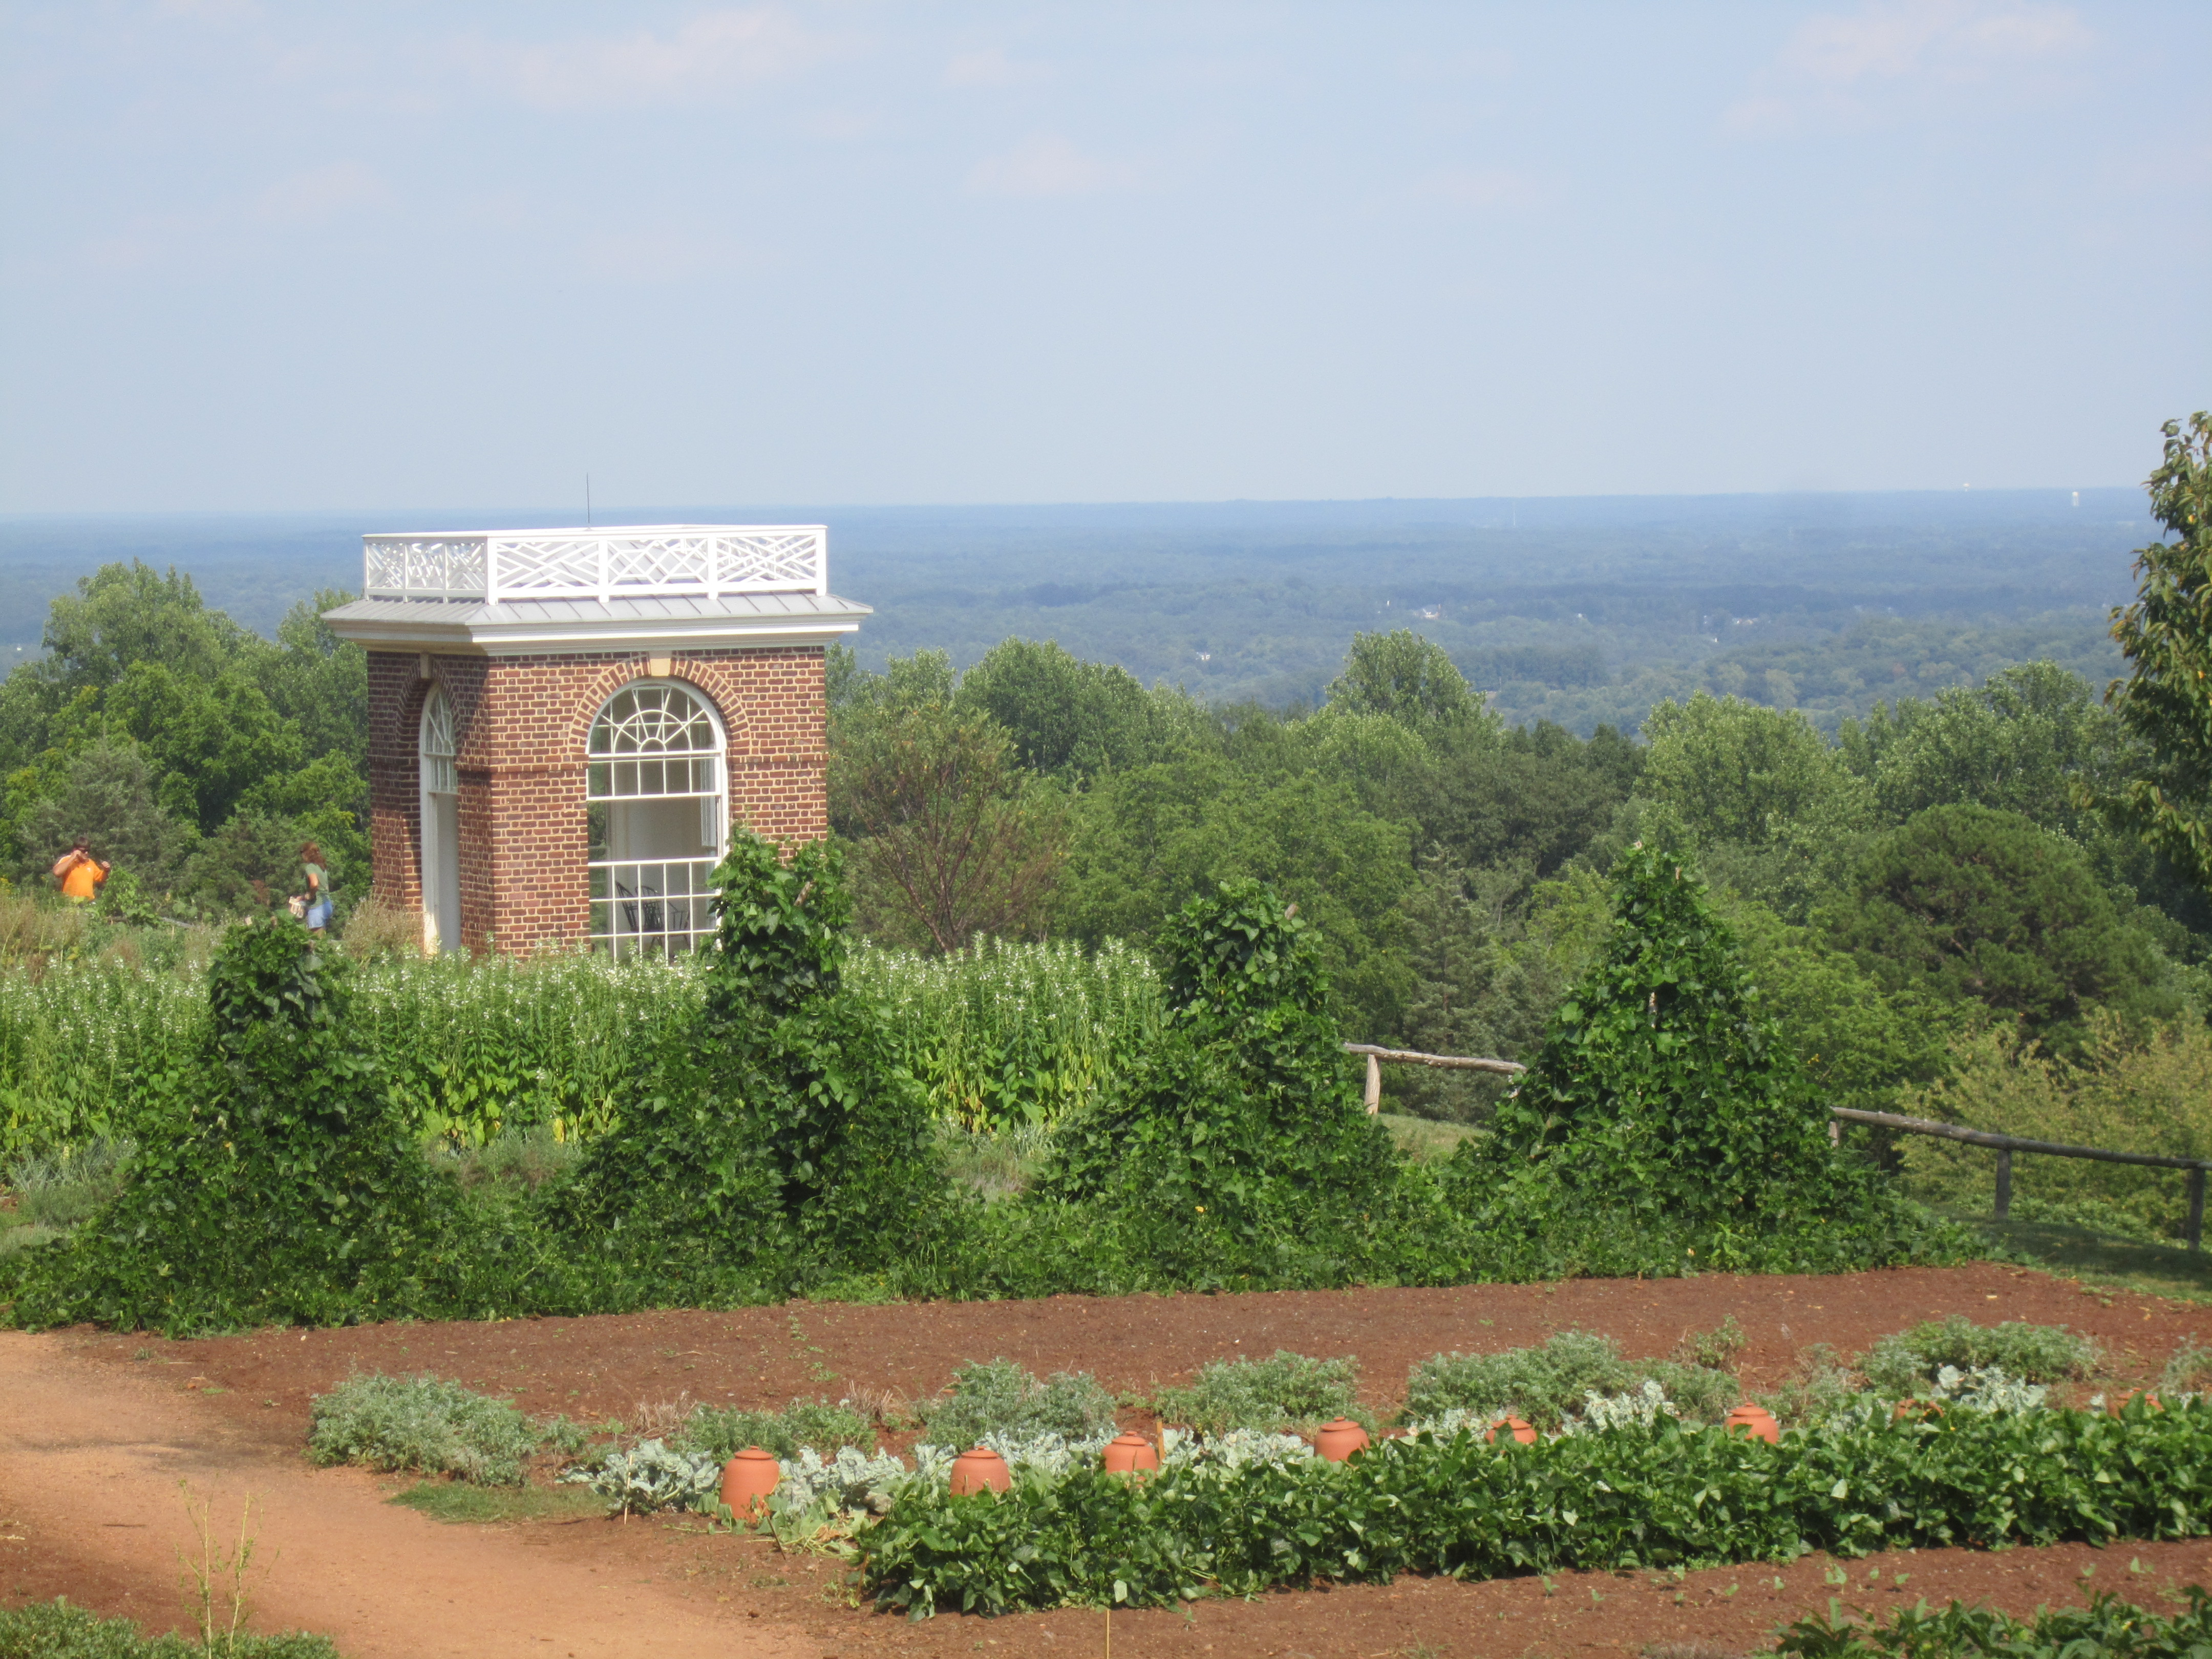 File:Outside Monticello, Charlottesville, VA IMG 4206.JPG